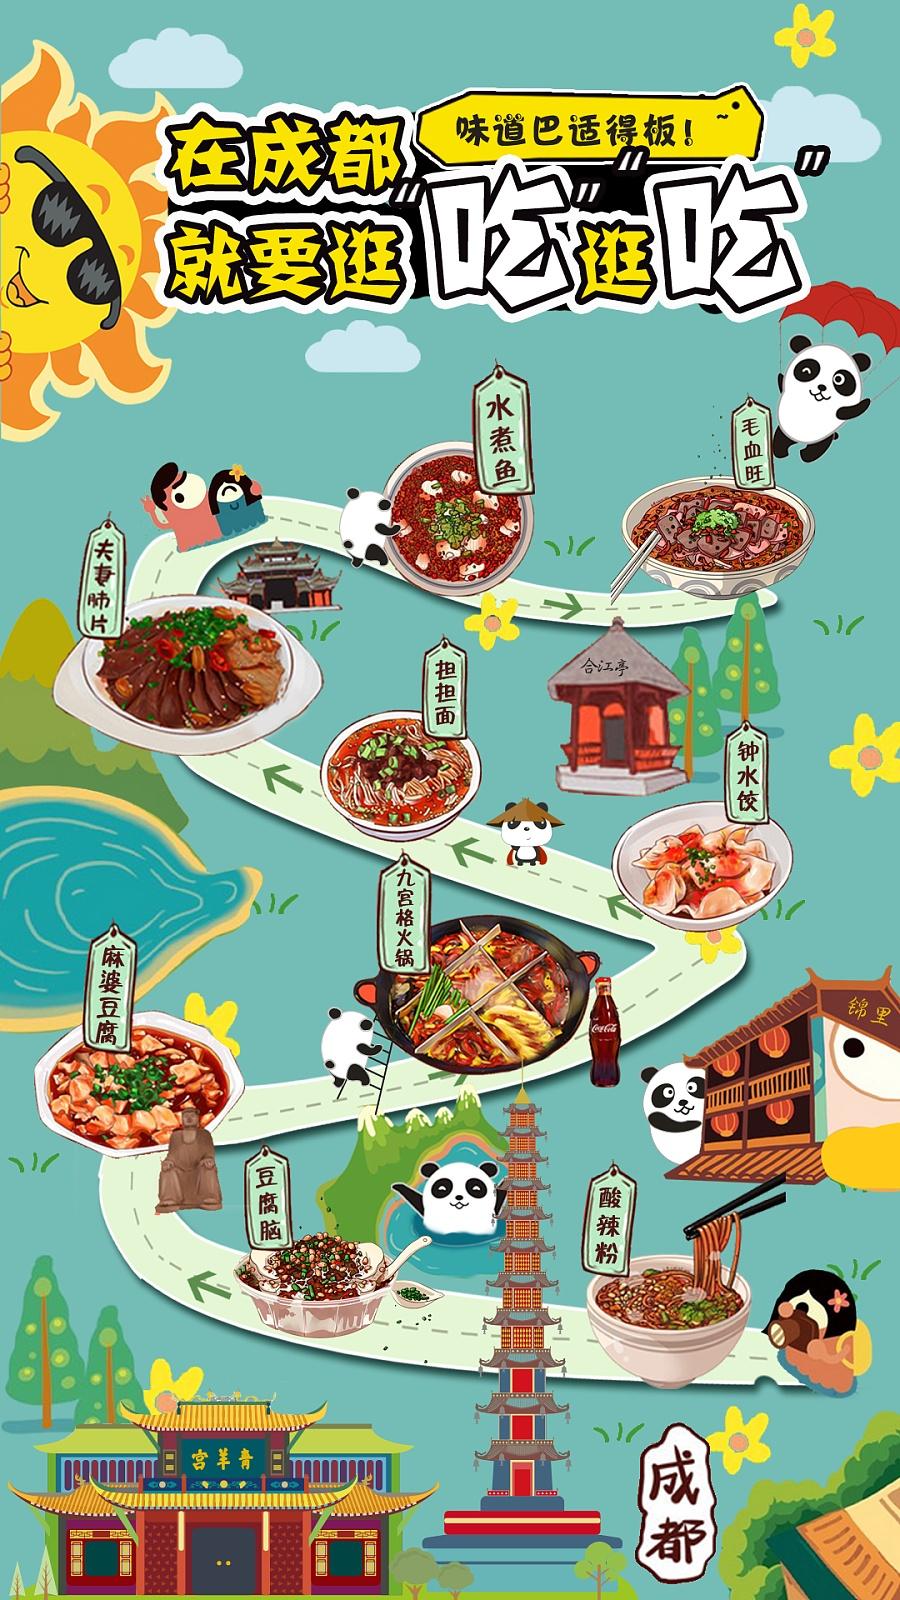 成都美食小地图 攻略 卡通手绘海报